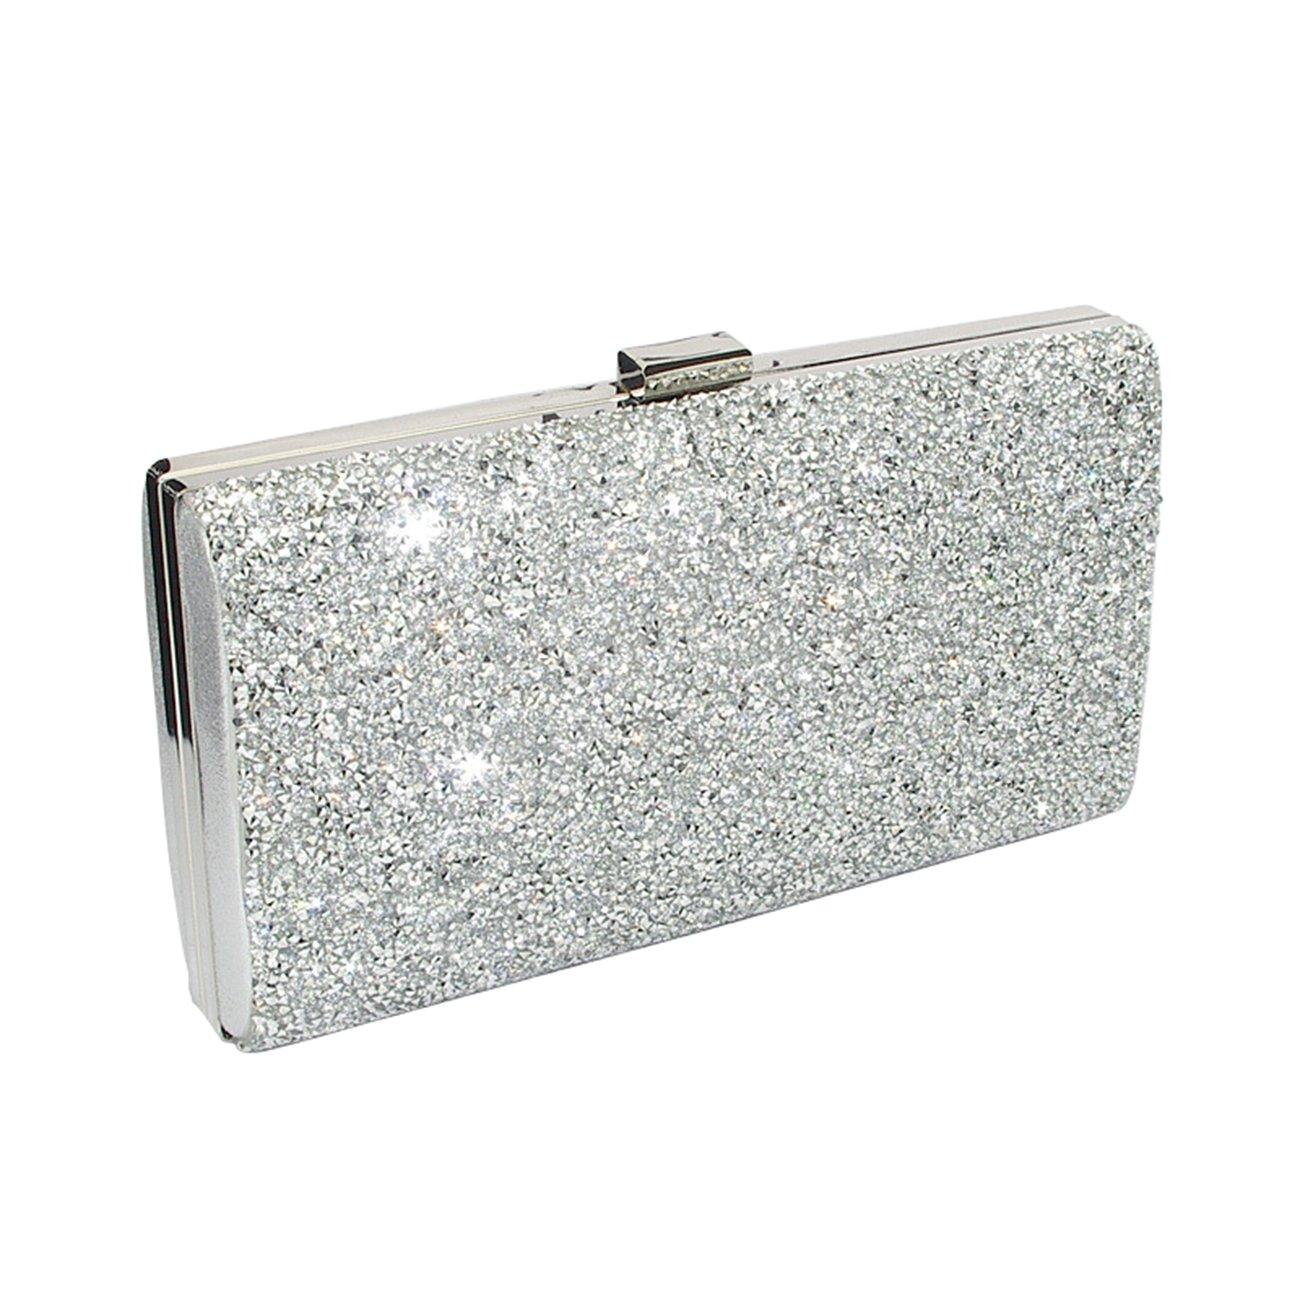 Silver Clutch Evening Bag, Fit & Wit Giltter Beaded Flap Clutch Evening Handbag Purse